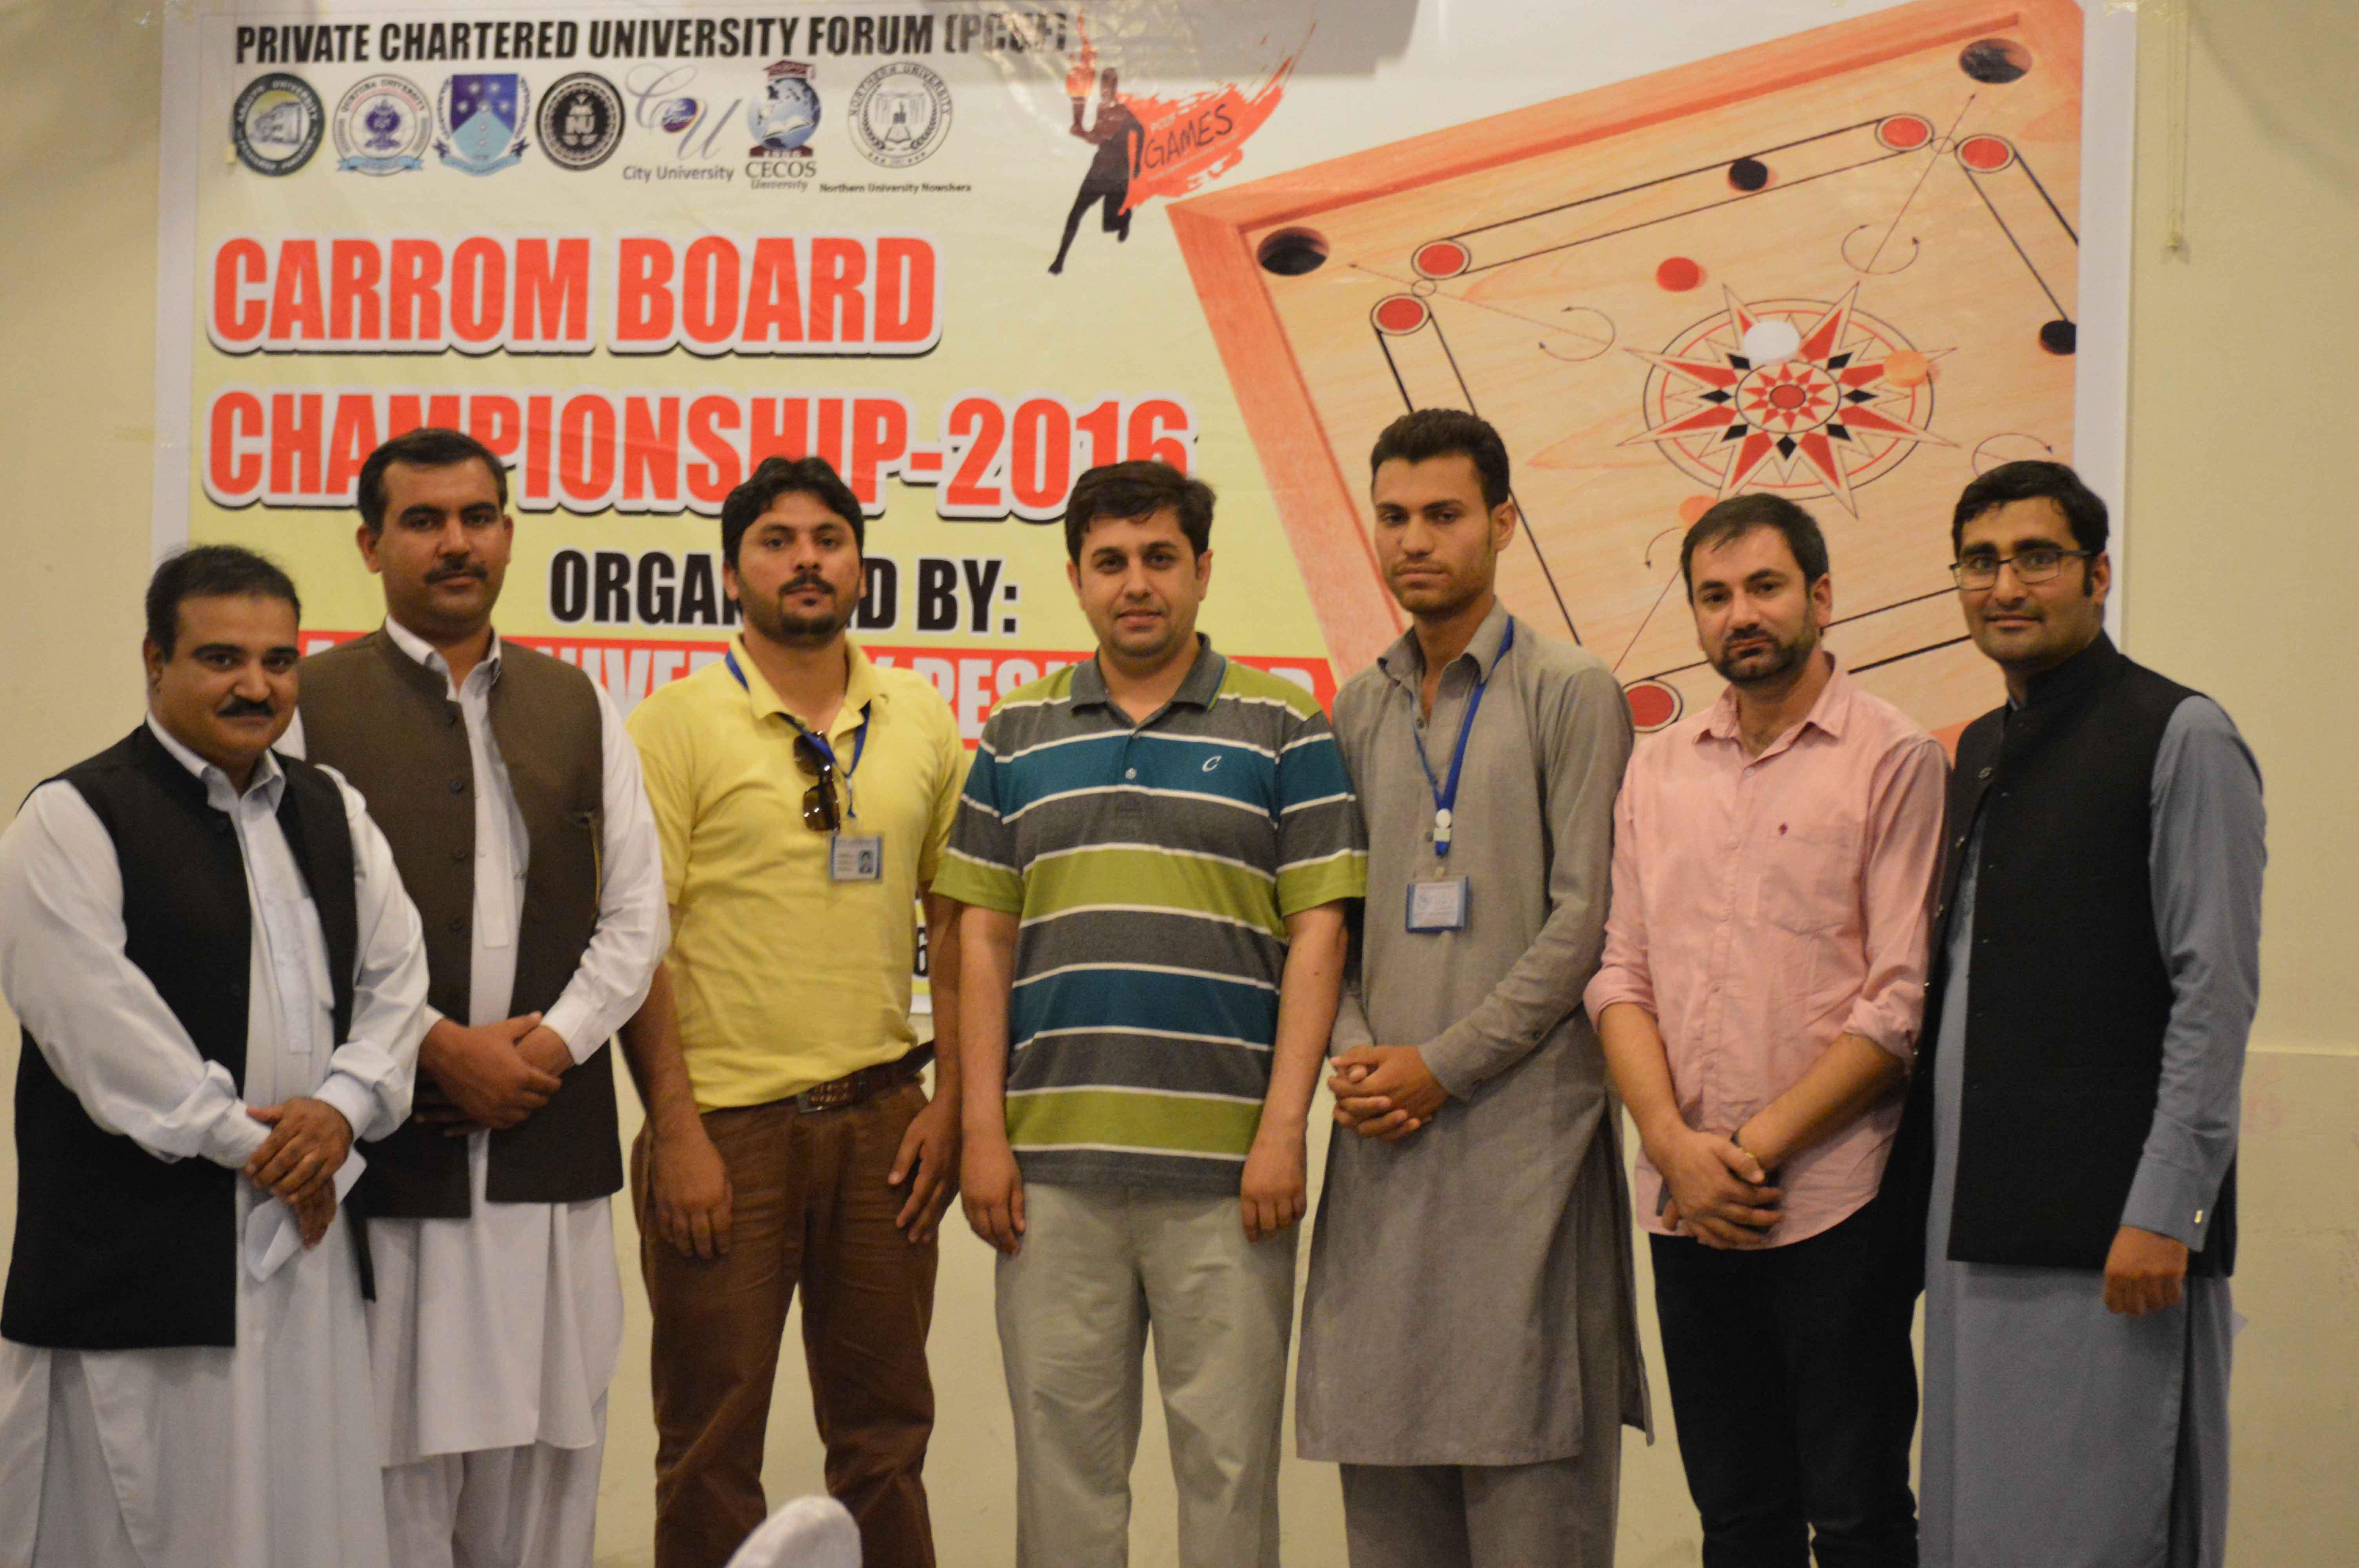 Carrom Board Championship 2016